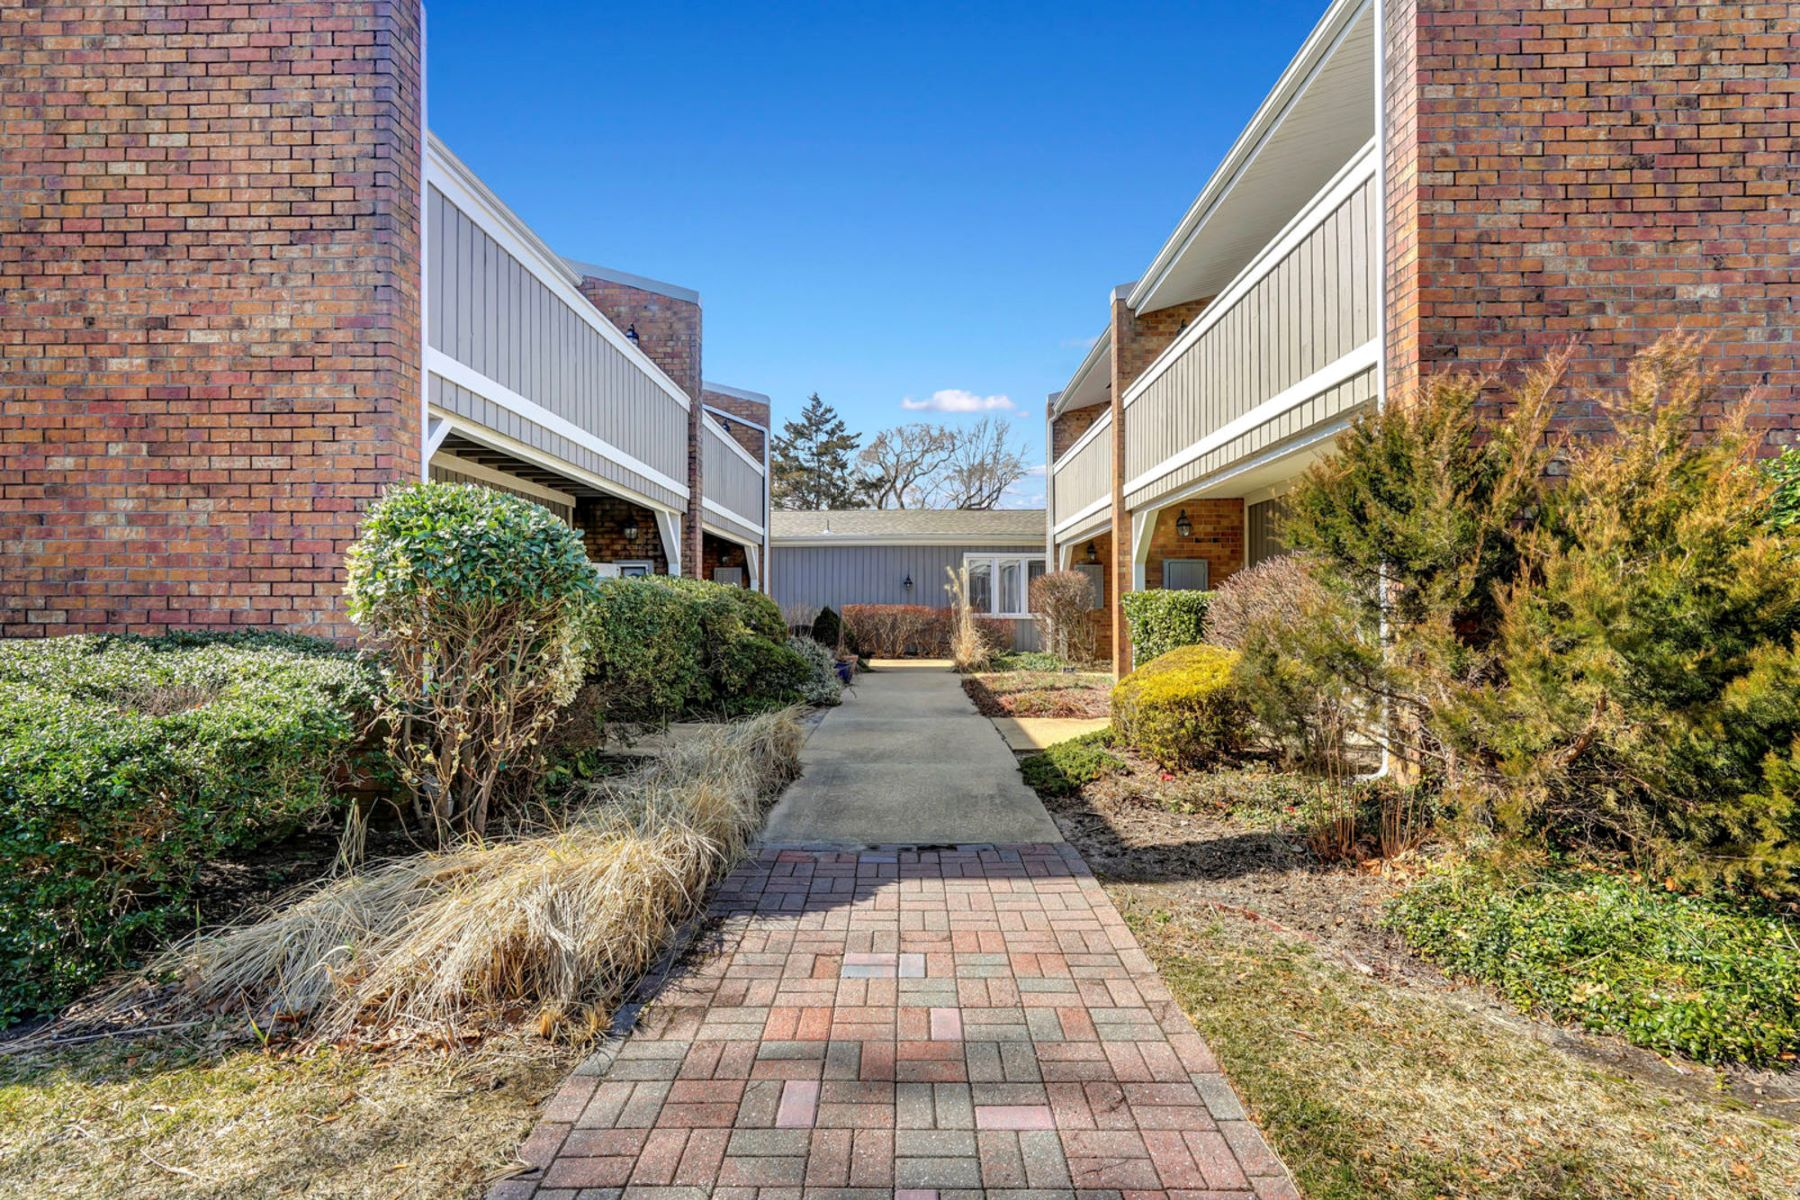 Кондоминиум для того Продажа на Panoramic Views 31 Linden Drive, Spring Lake Heights, Нью-Джерси 07762 Соединенные Штаты